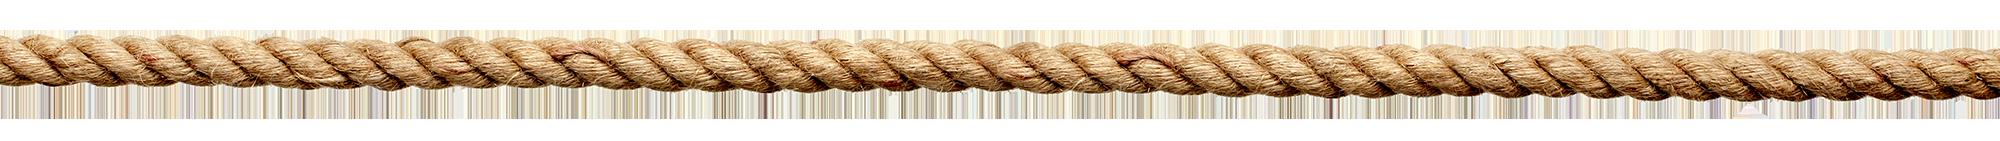 Rope Separator